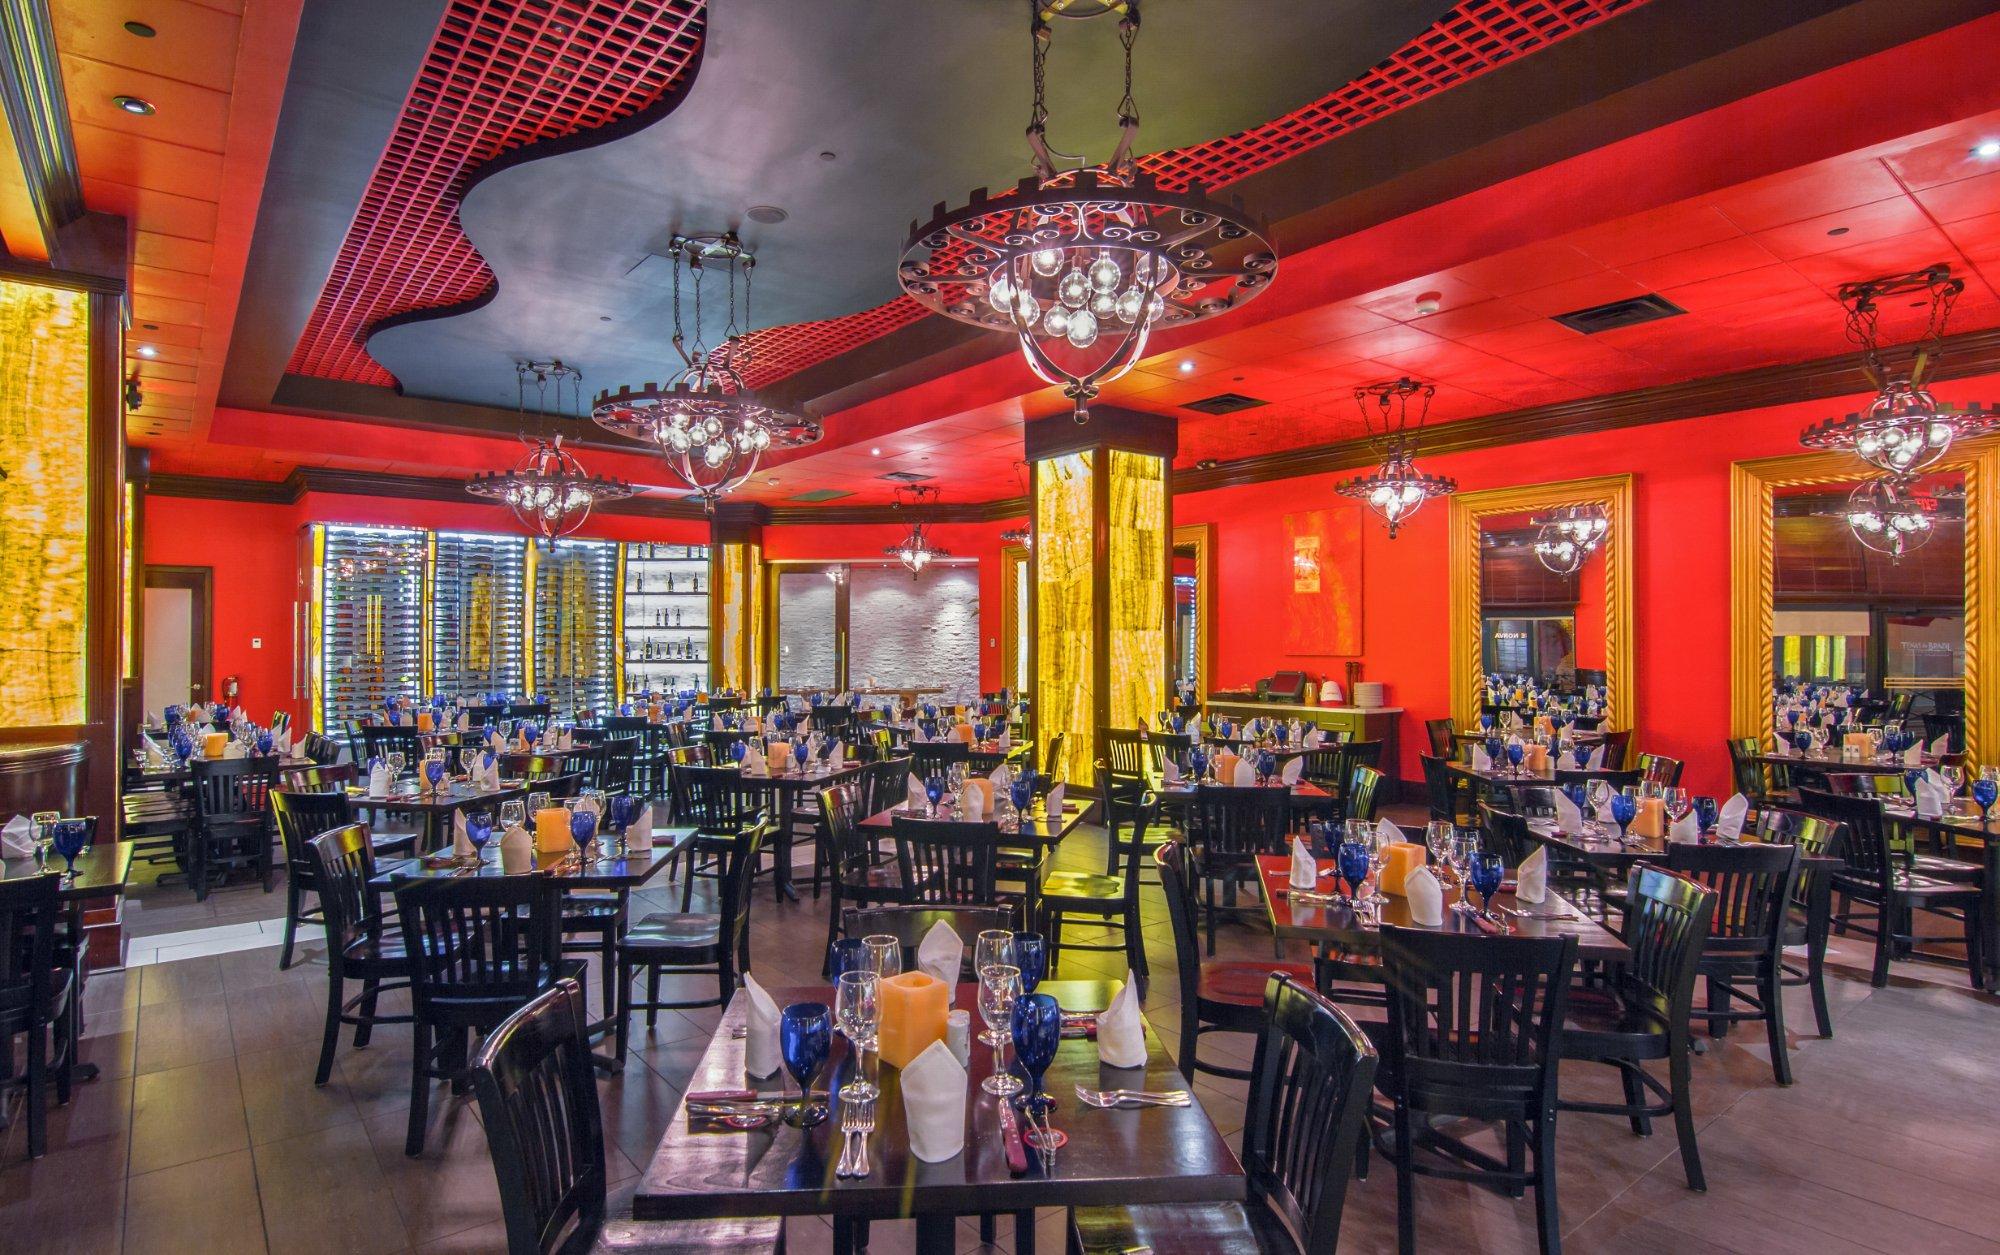 texas de brazil norfolk restaurant reviews phone number